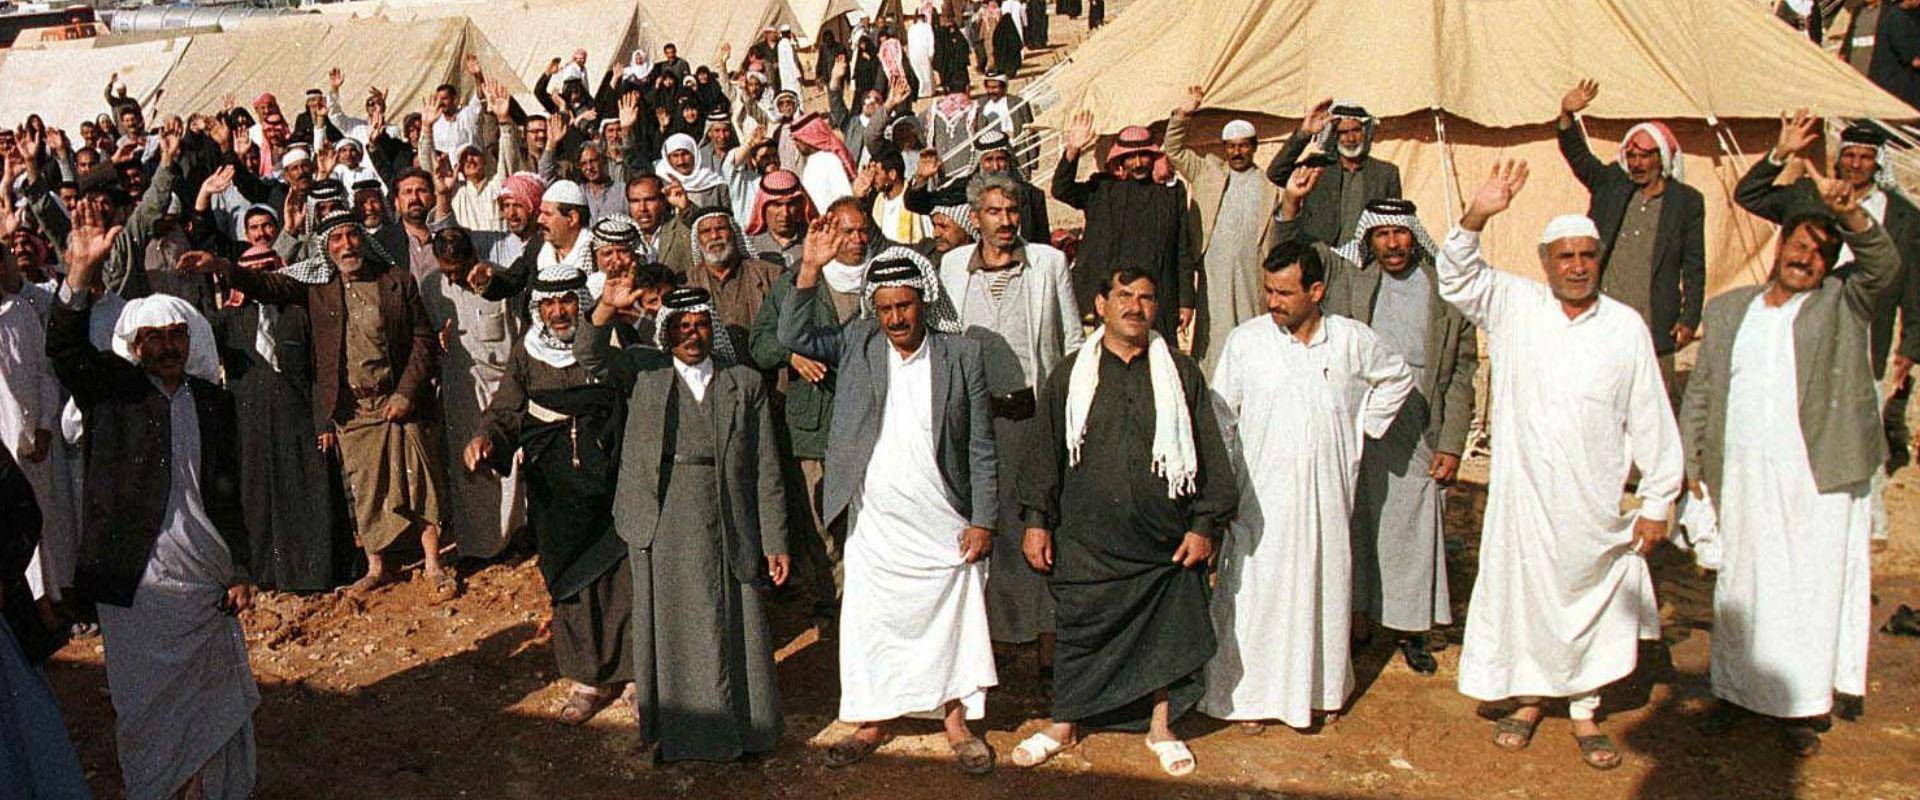 מעבר הגבול עראר בין עיראק לסעודיה